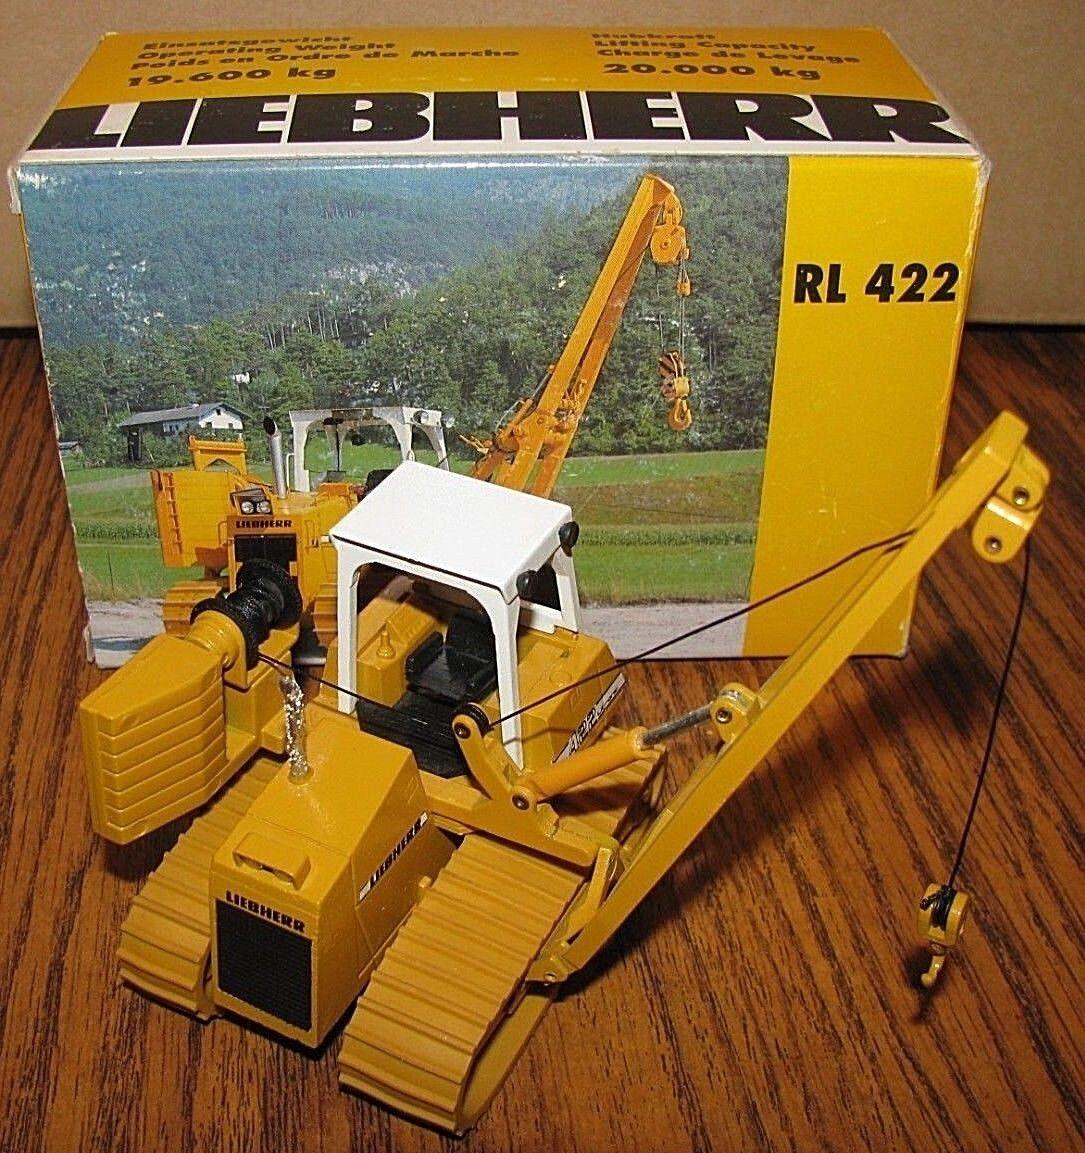 Conrad LIEBHERR RL422 Litronic colocador de tubos Crawler Tractor De Juguete 1/50 2804 Alemania